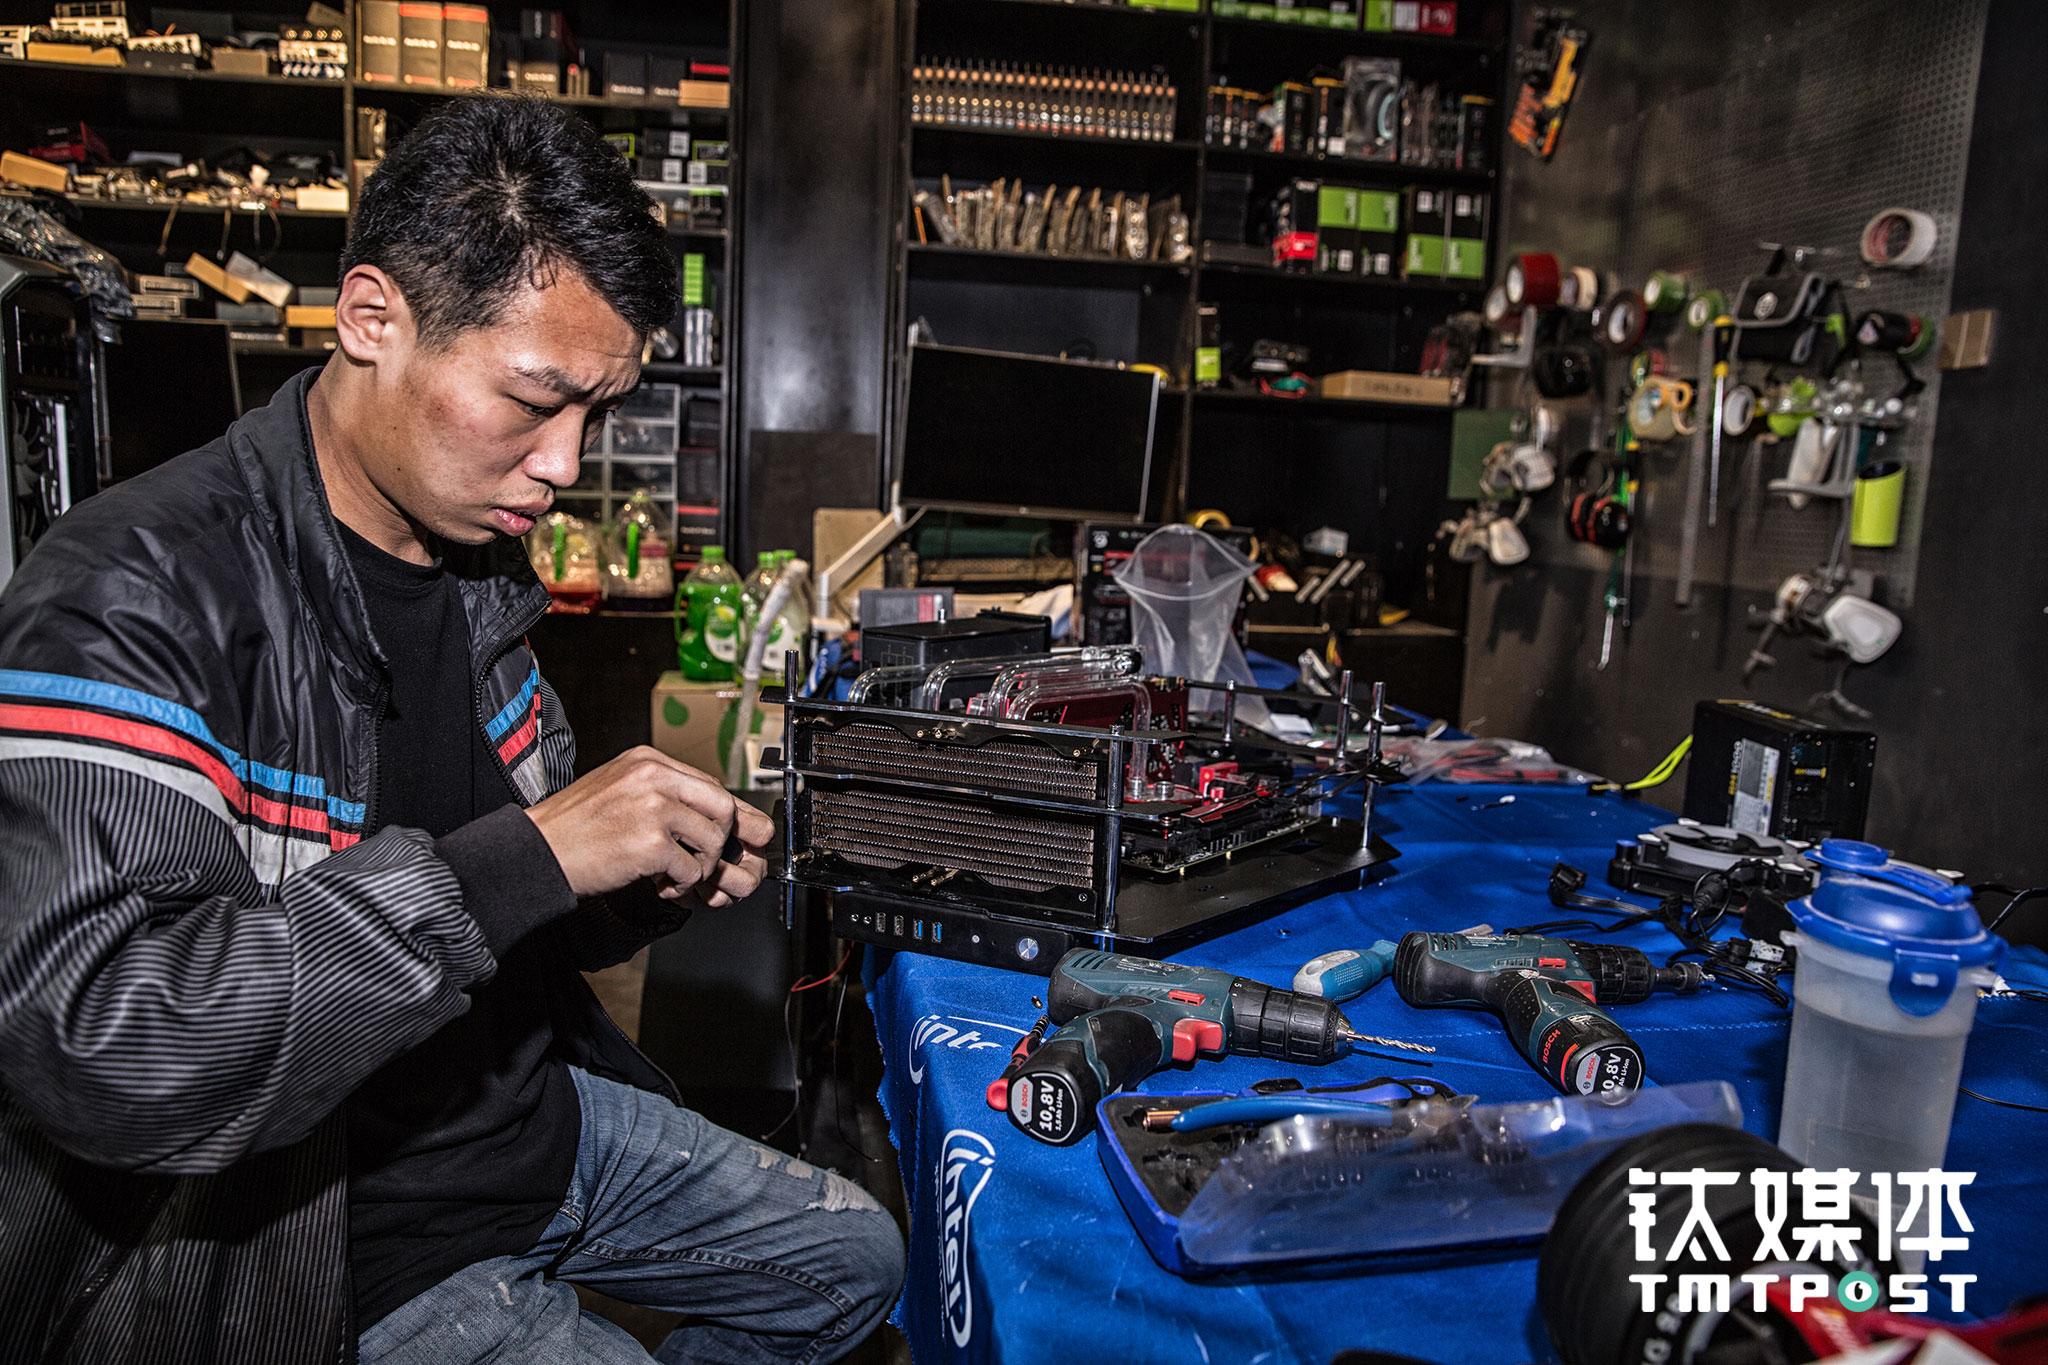 最开始创业,邢凯只有一个人,在业内打下一些名声后,很多爱好者和粉丝在微博与他交流,其中有一些人想要跟他一起创业来做MOD,于是邢凯周围渐渐聚拢了一个团队,这些团队成员的背景也很有意思,有的曾经在市场卖电脑,有的是夜场的DJ,还有人曾是煤矿的矿工,因为对MOD的热爱,他们从全国各地来到北京找到邢凯加入FUXK。